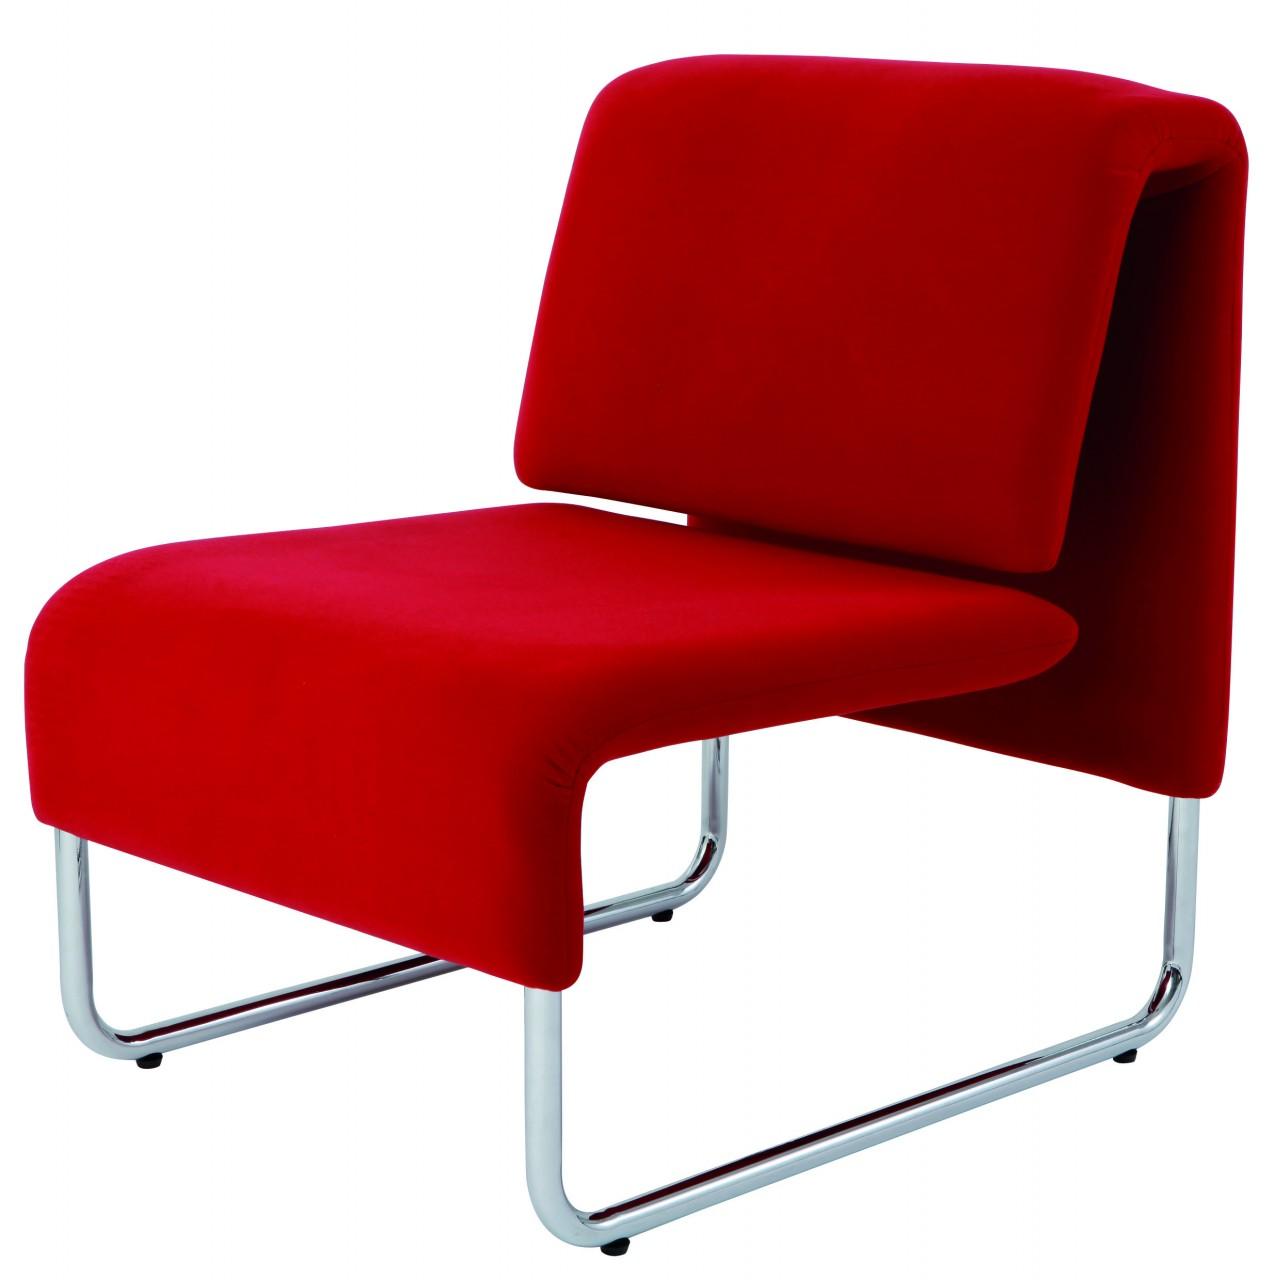 Fauteuil d 39 accueil fortis achat fauteuils d 39 accueil for Monsieur meuble canape avis